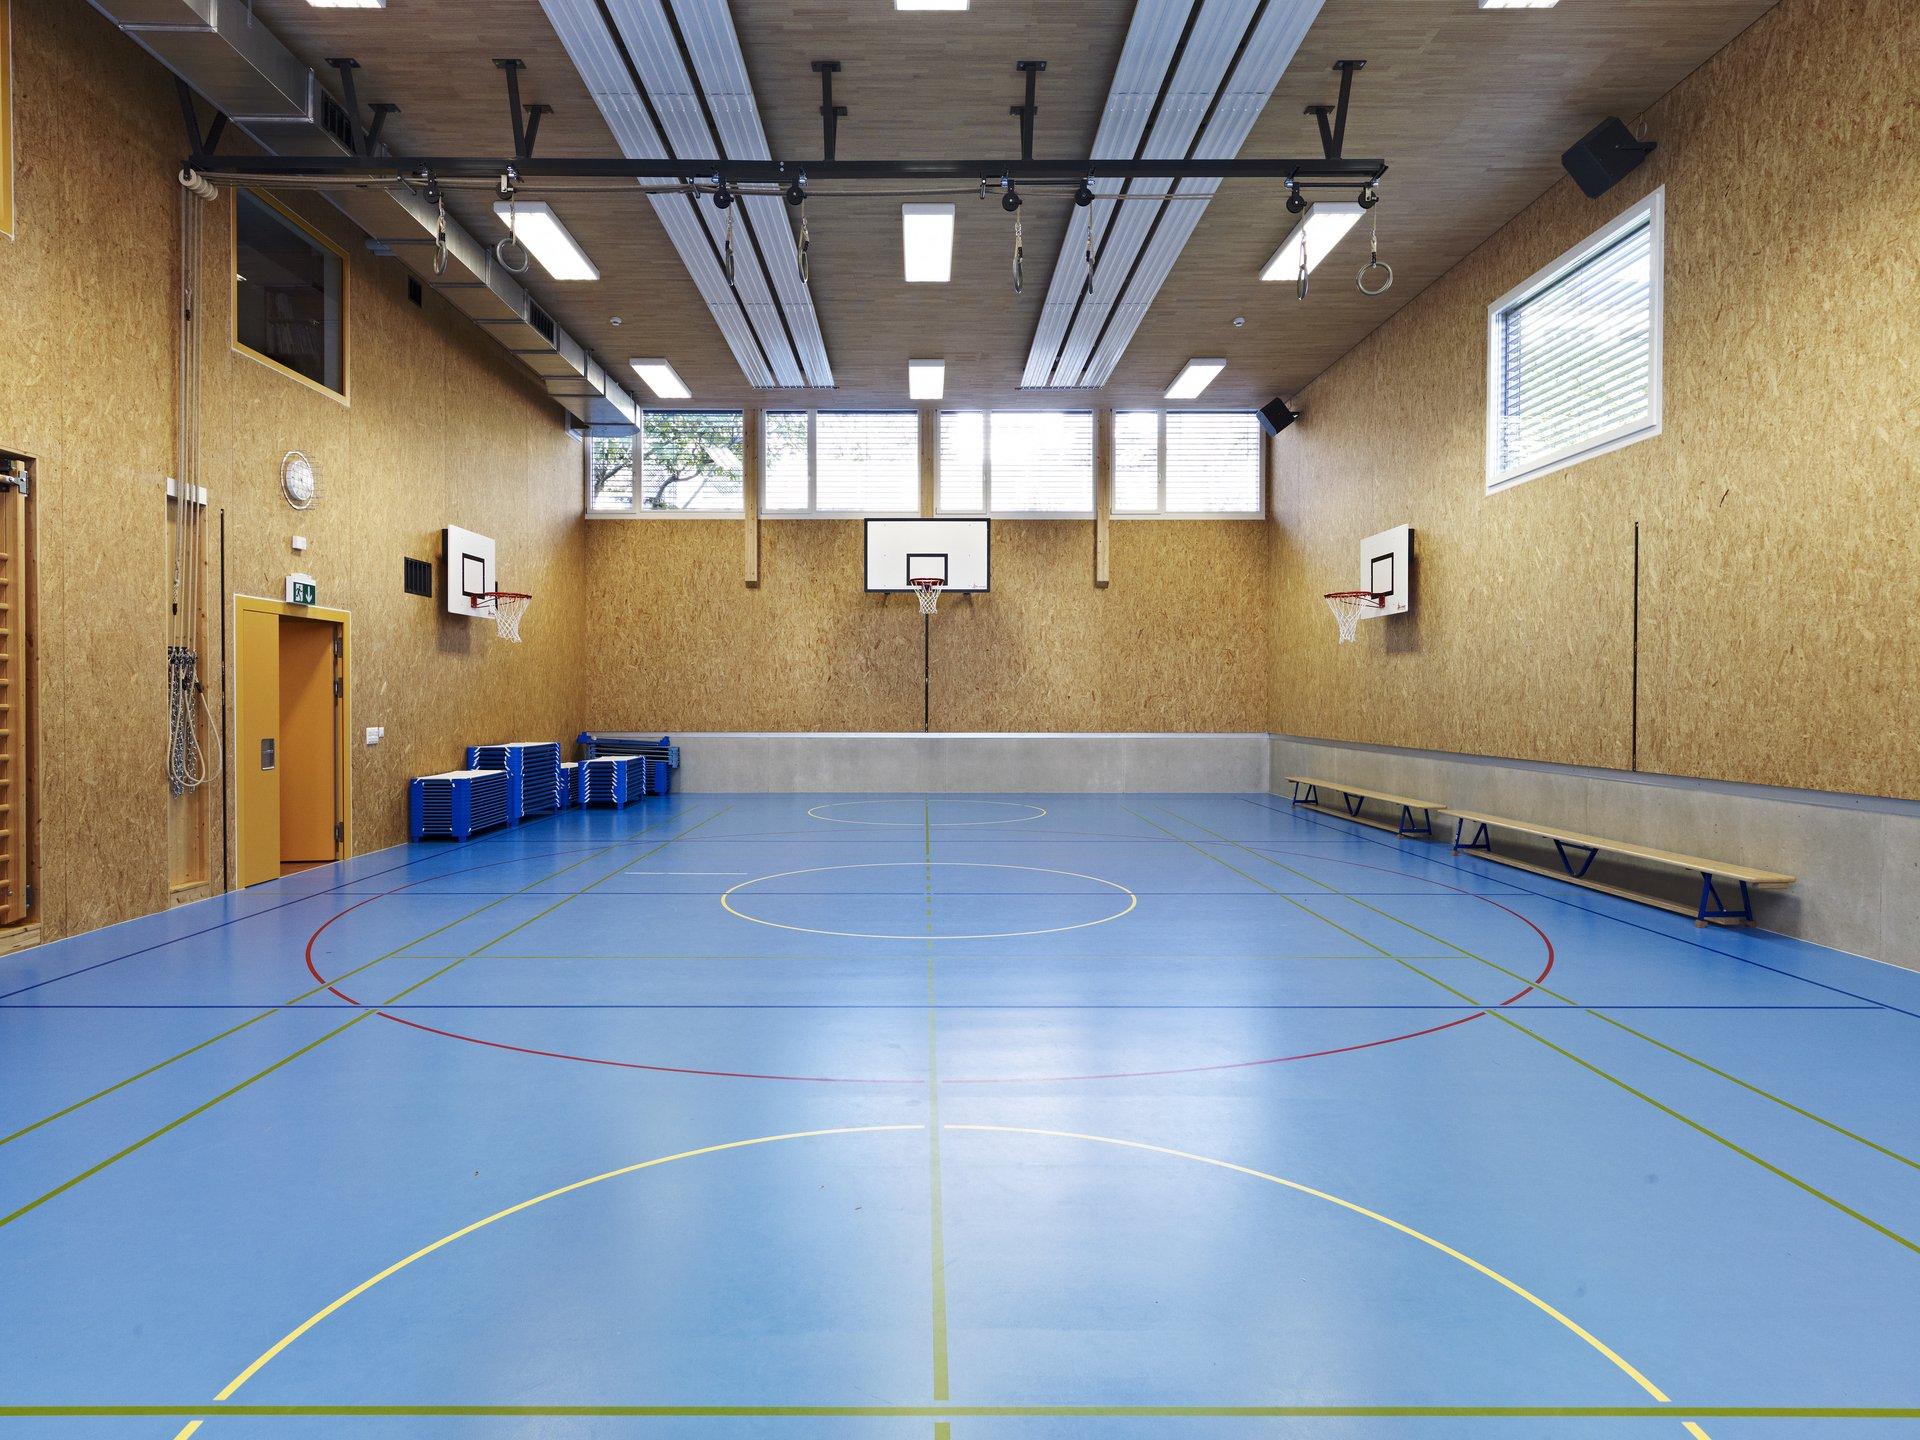 Salle de sport à parois en bois et grands éléments de fenêtres